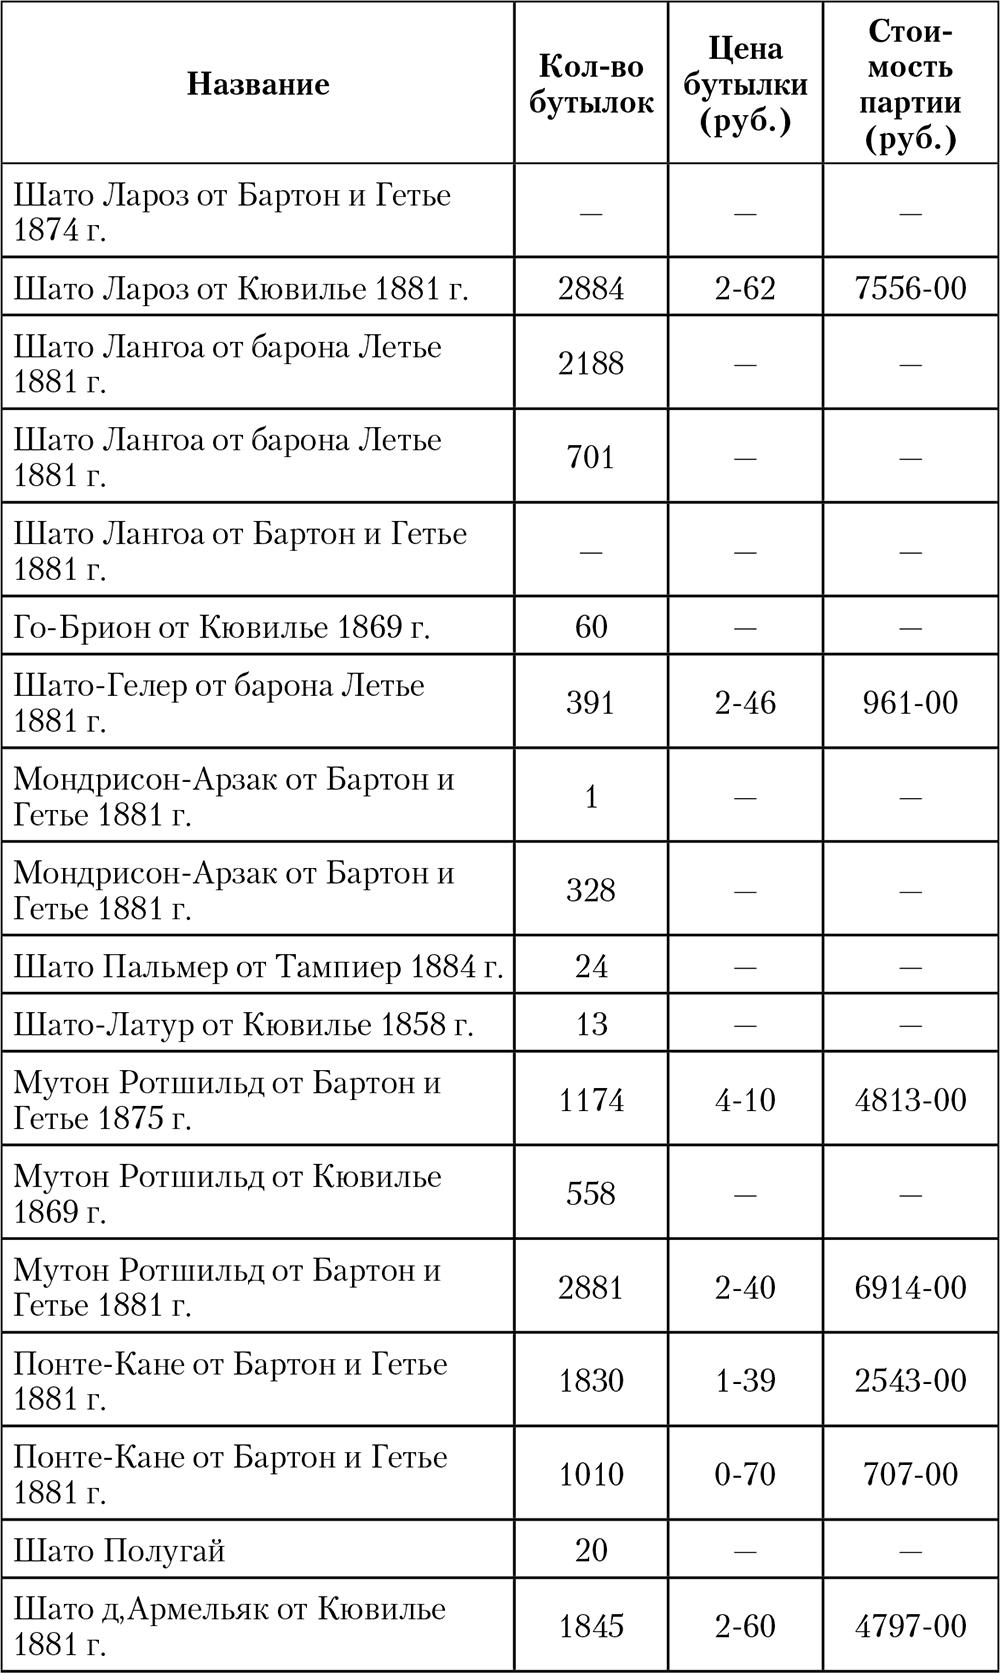 Императорская кухня. XIX – начало XX века. Повседневная жизнь Российского императорского двора